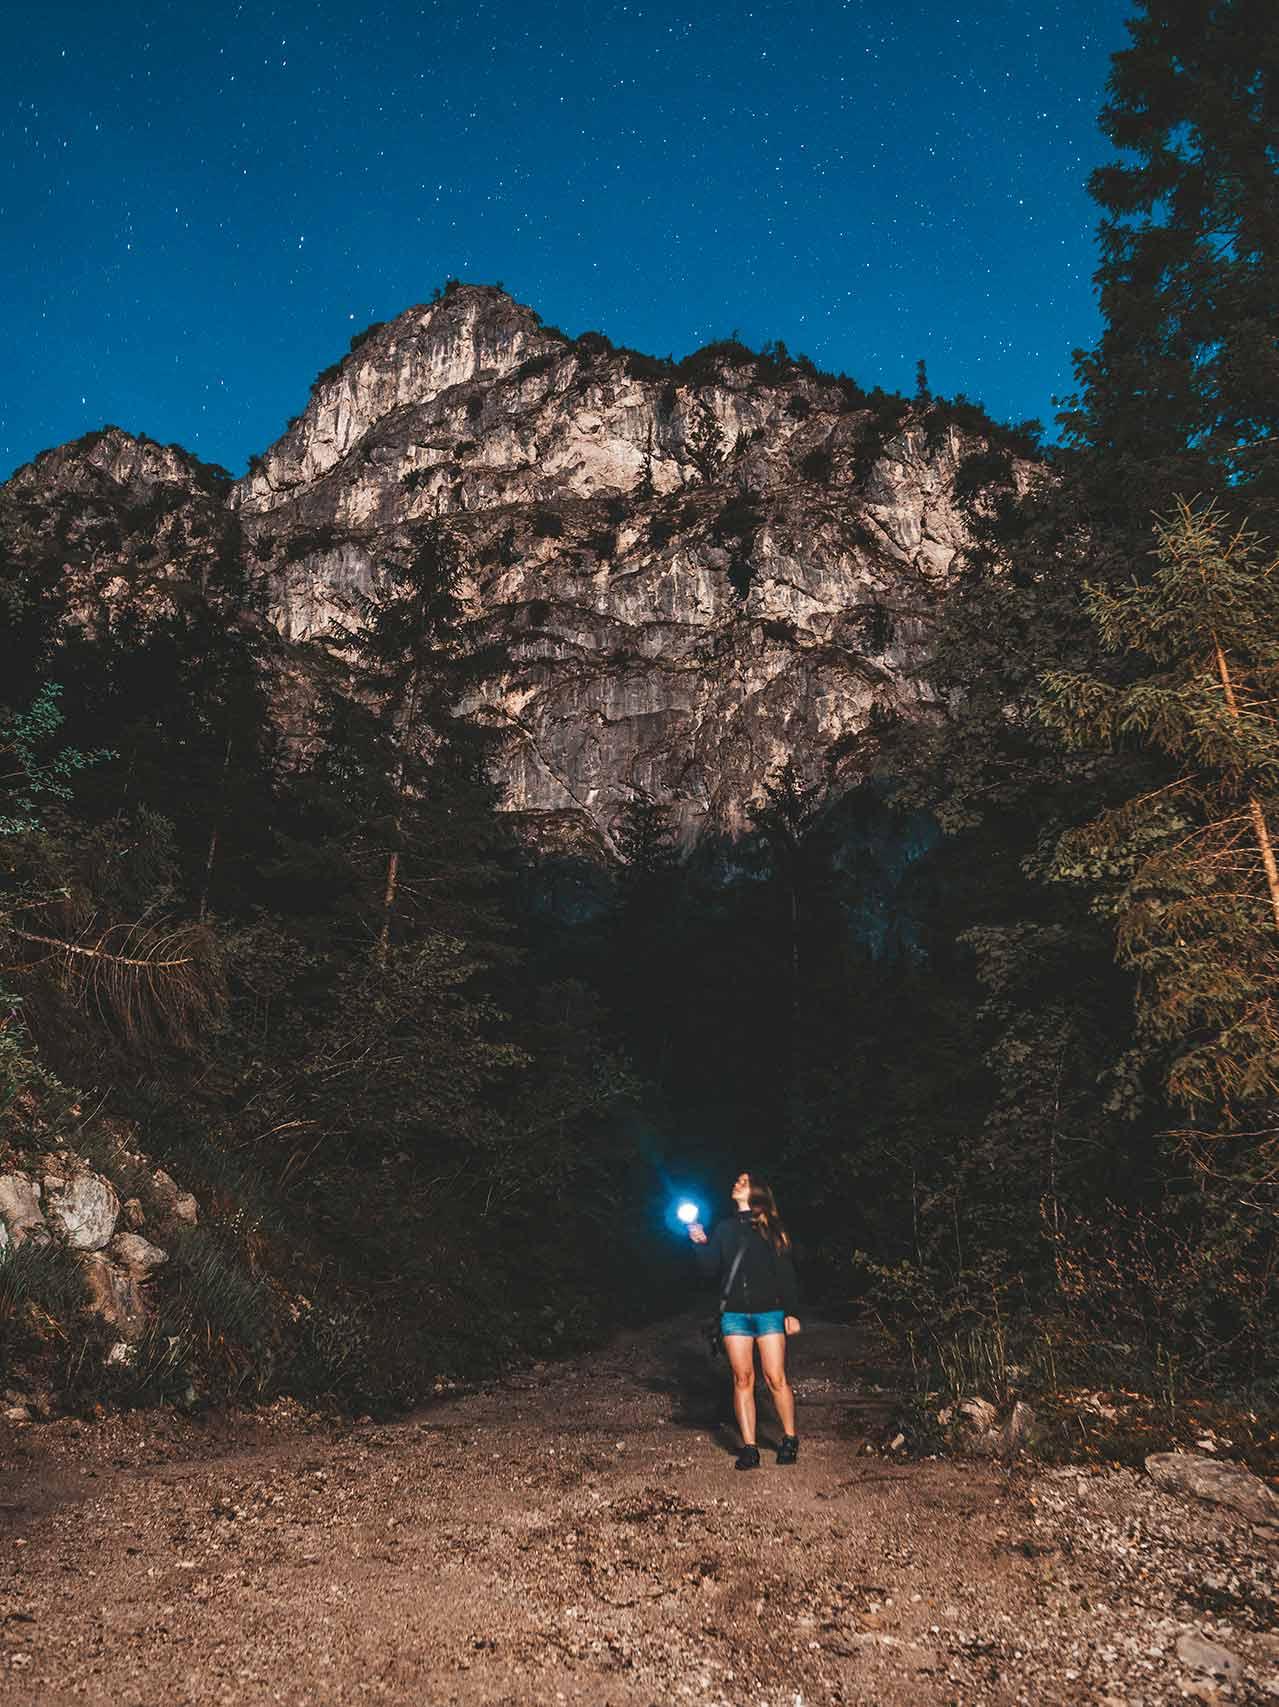 Nachtwanderung durch den Nationalpark Berchtesgaden - Jasmin unter dem Sternenhimmel